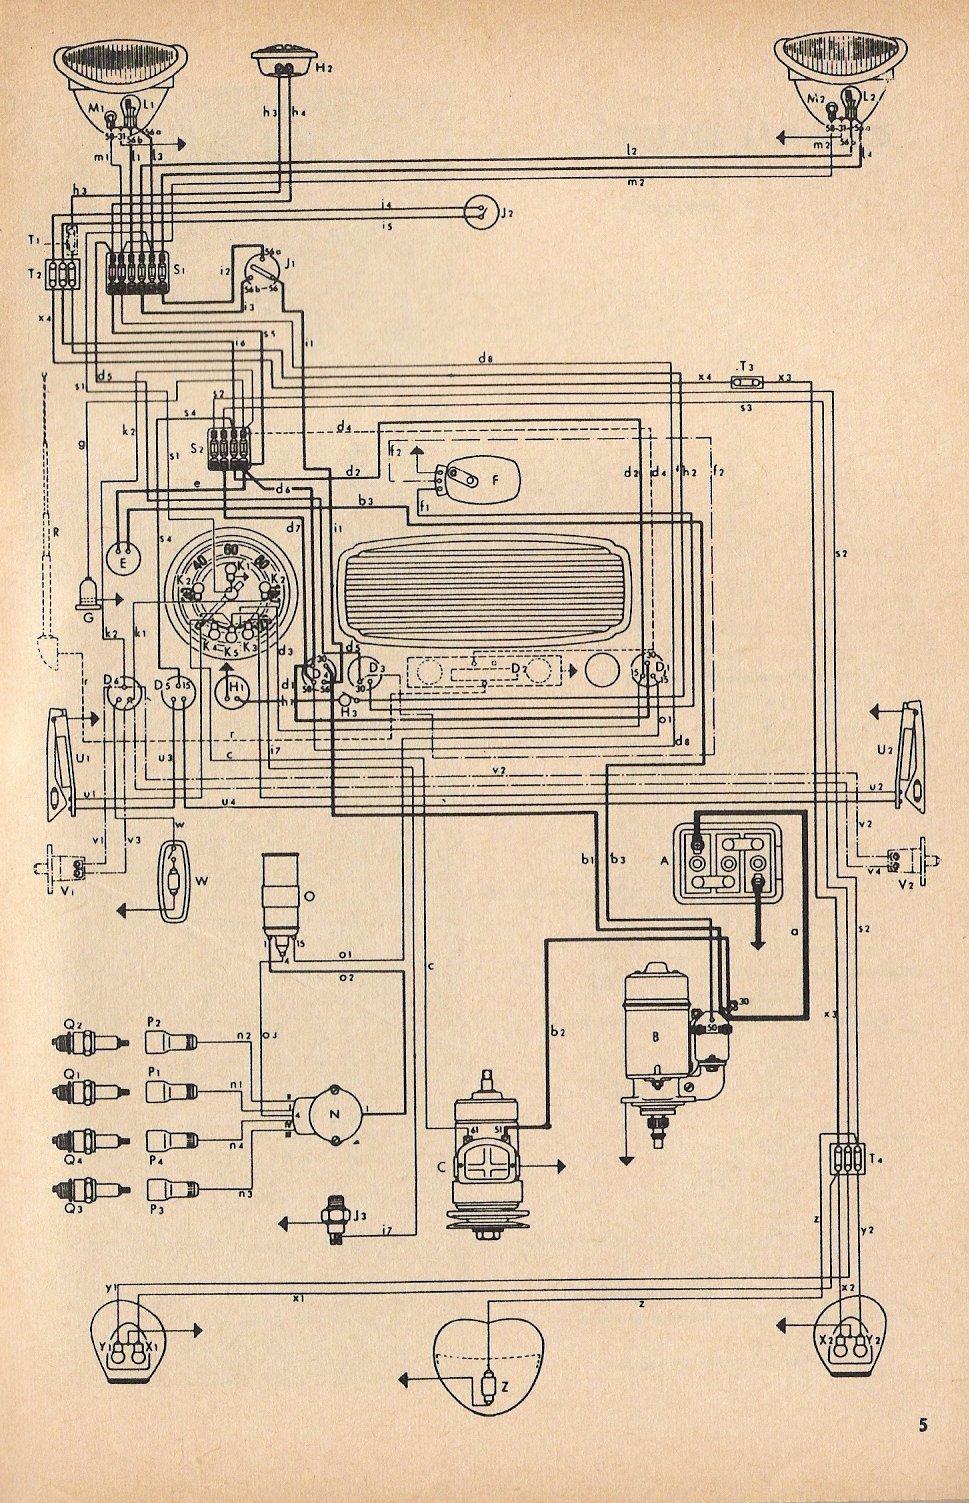 1973 karmann ghia wiring diagram er 4241  karmann ghia wiring harness  er 4241  karmann ghia wiring harness